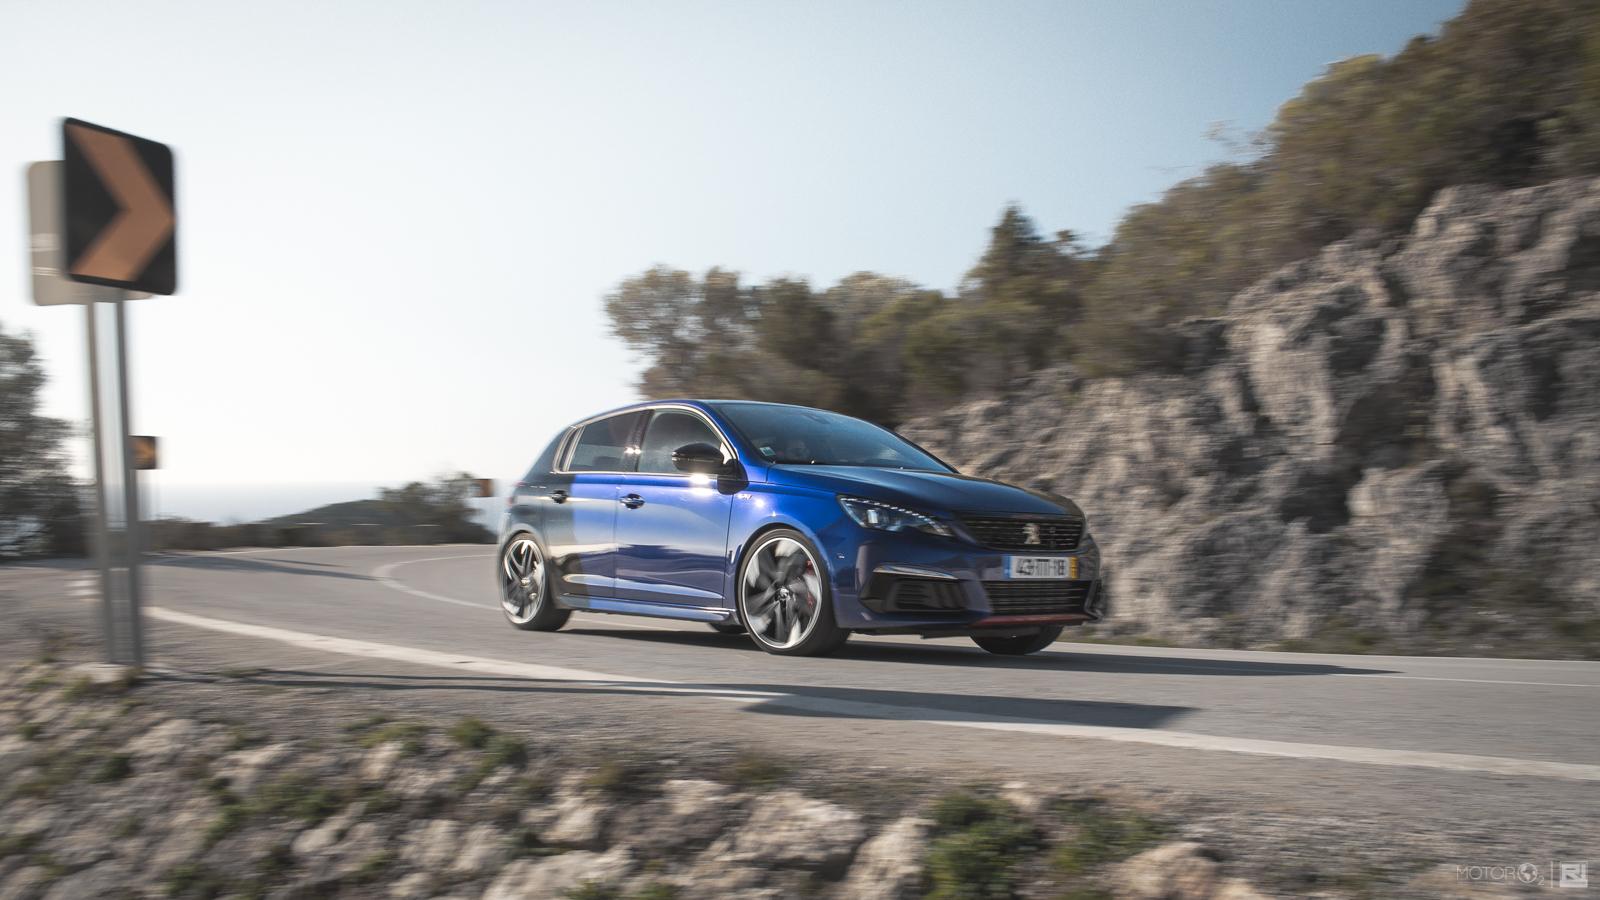 Ensaio Peugeot 308 Gti Mais Adulto Mas Com A Rebeldia De Sempre